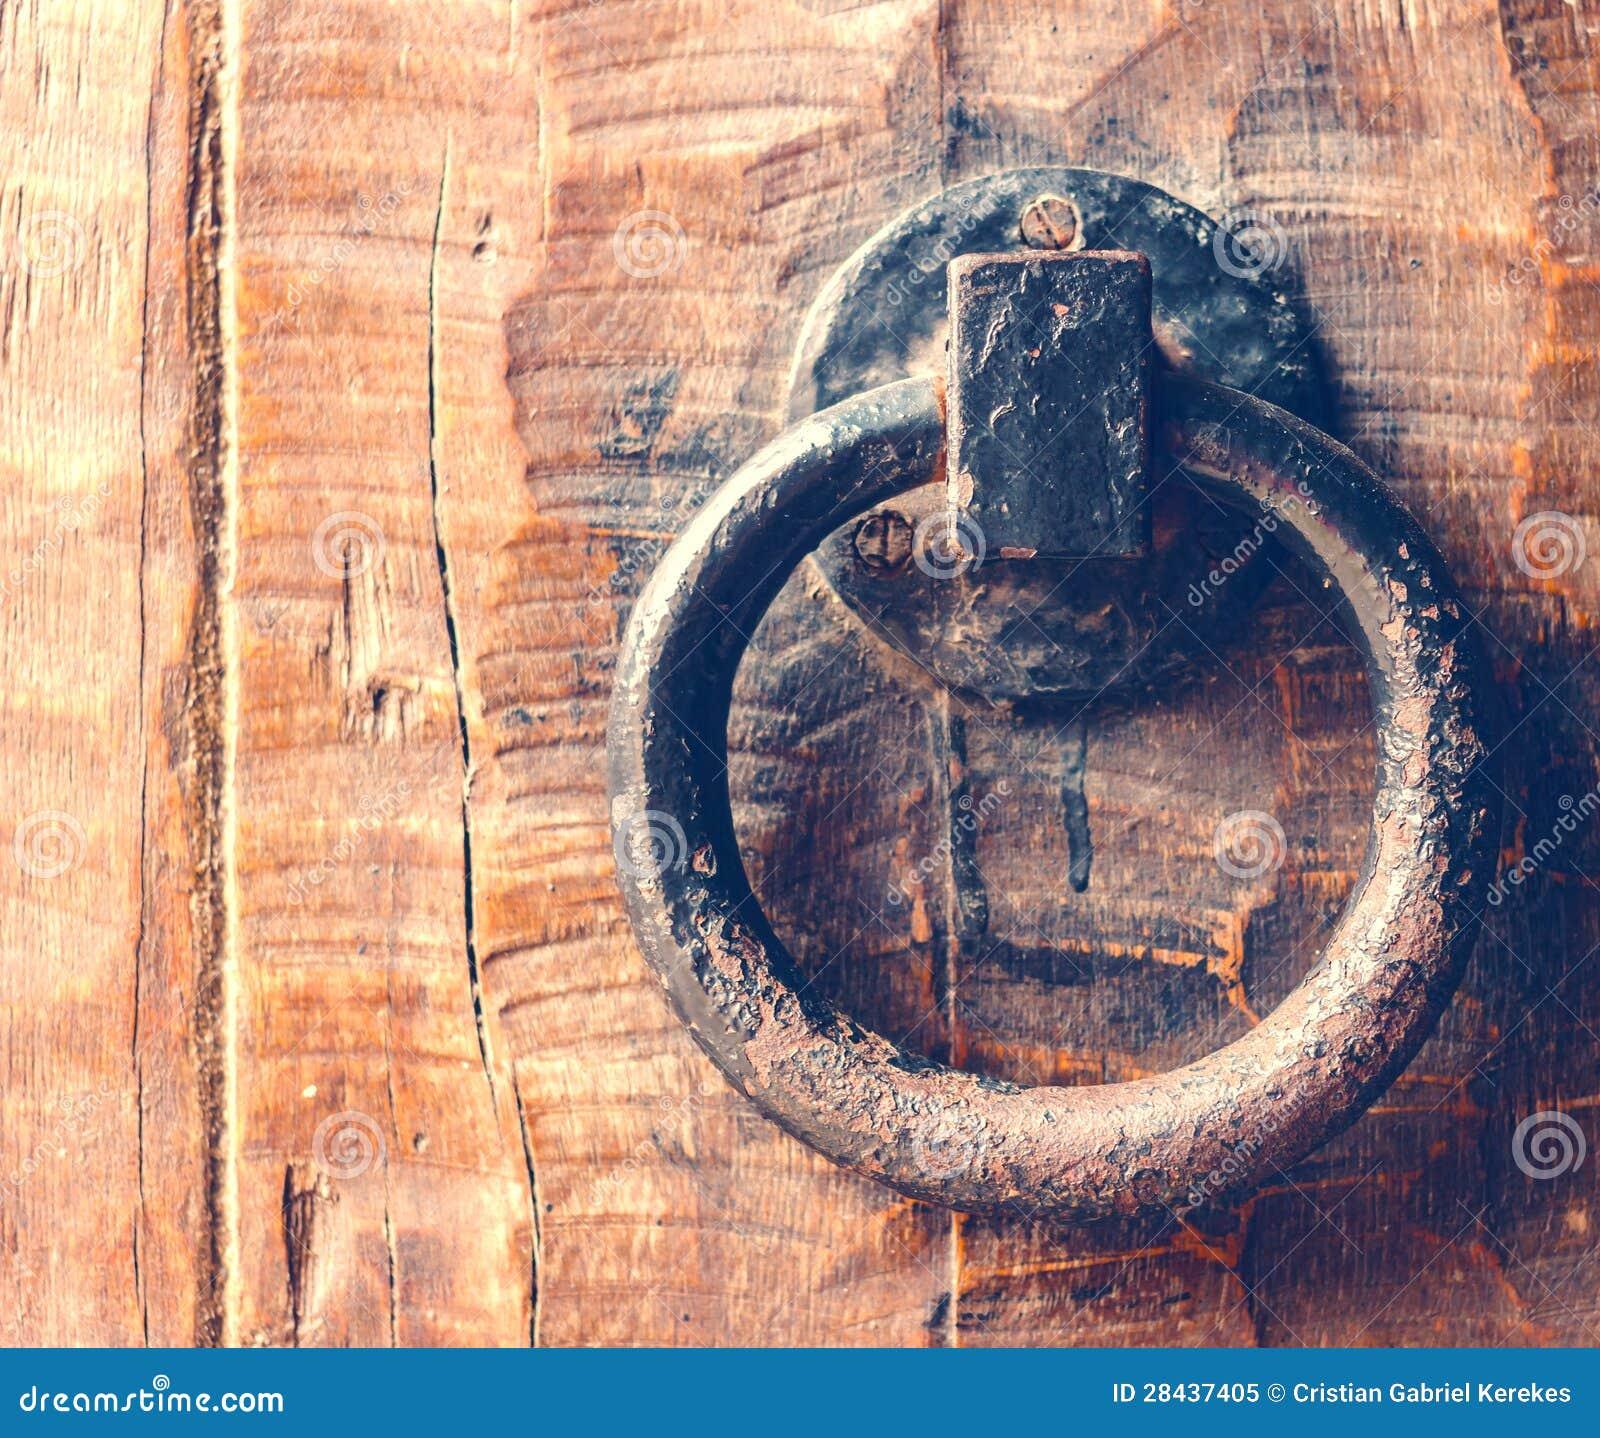 Vintage Door Knocker On Wooden Door